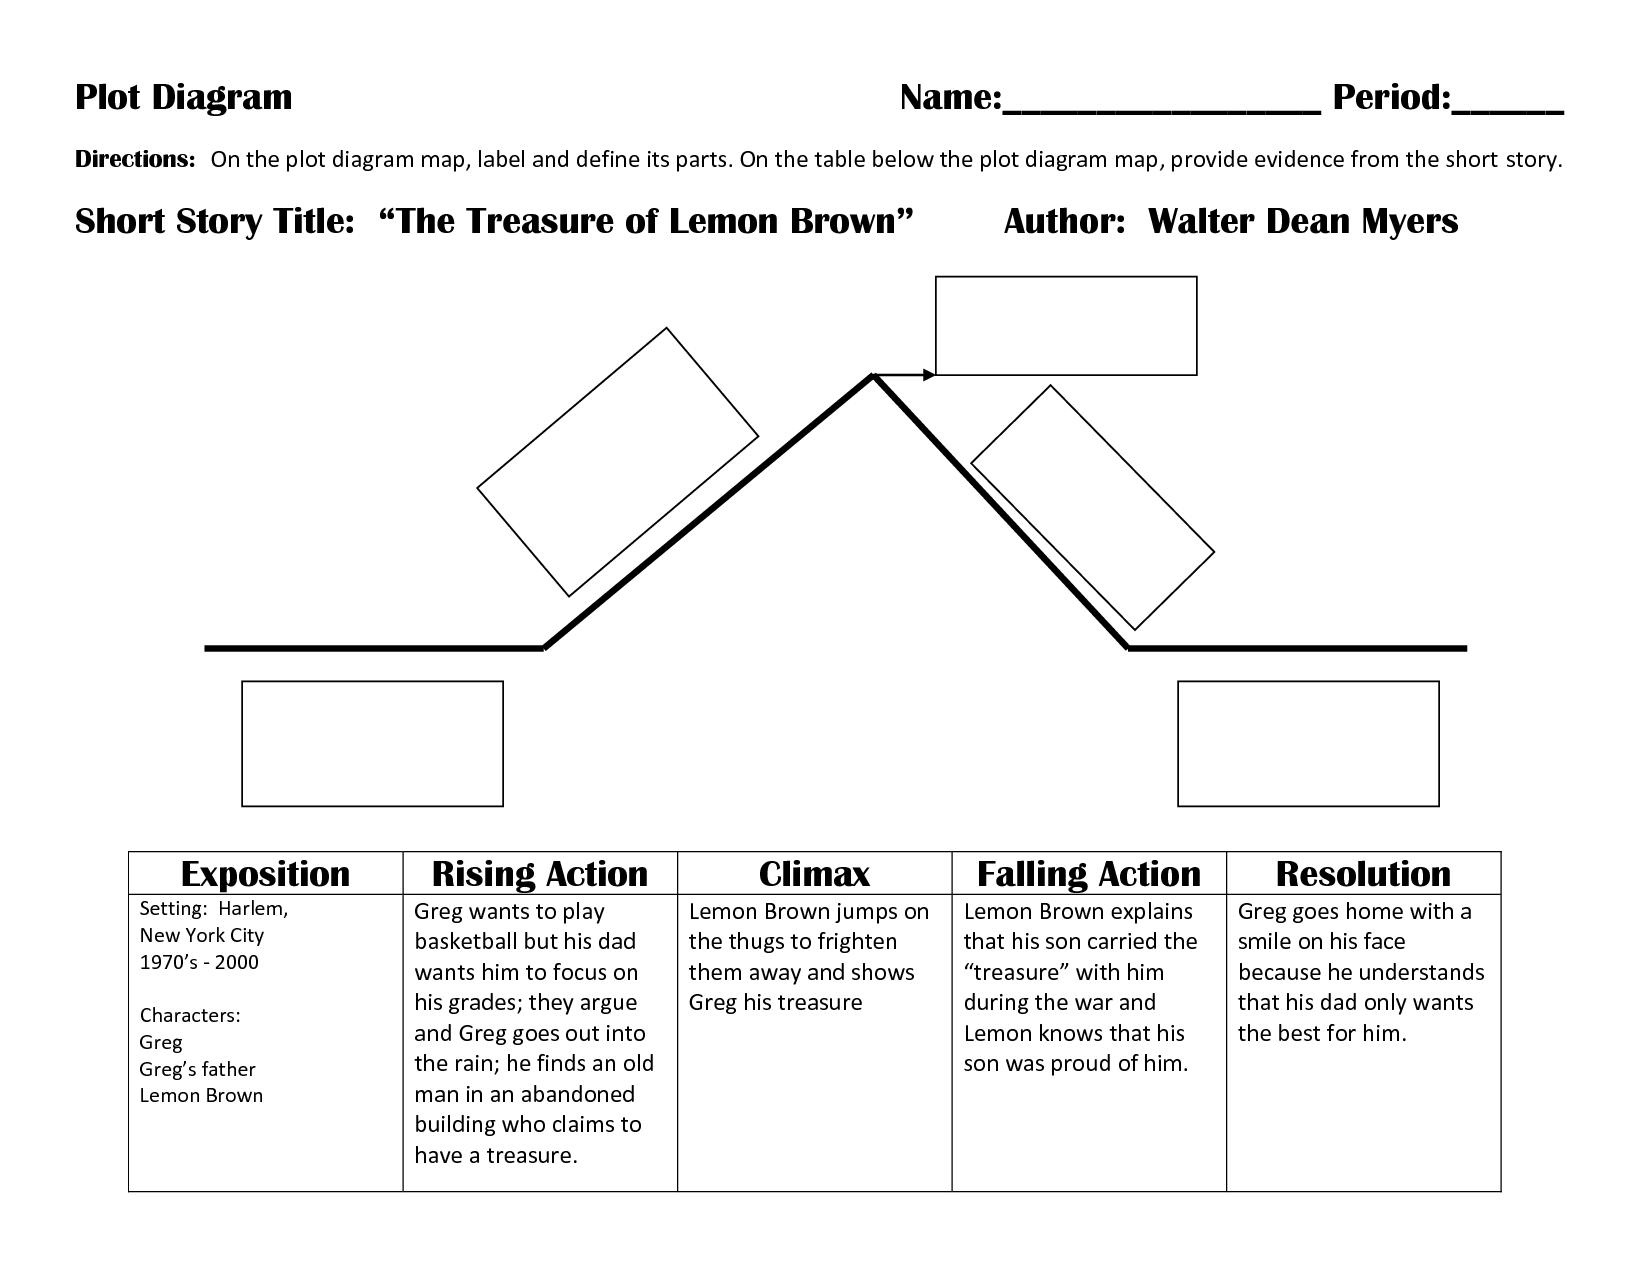 The Treasure Of Lemon Brown Plot Diagram